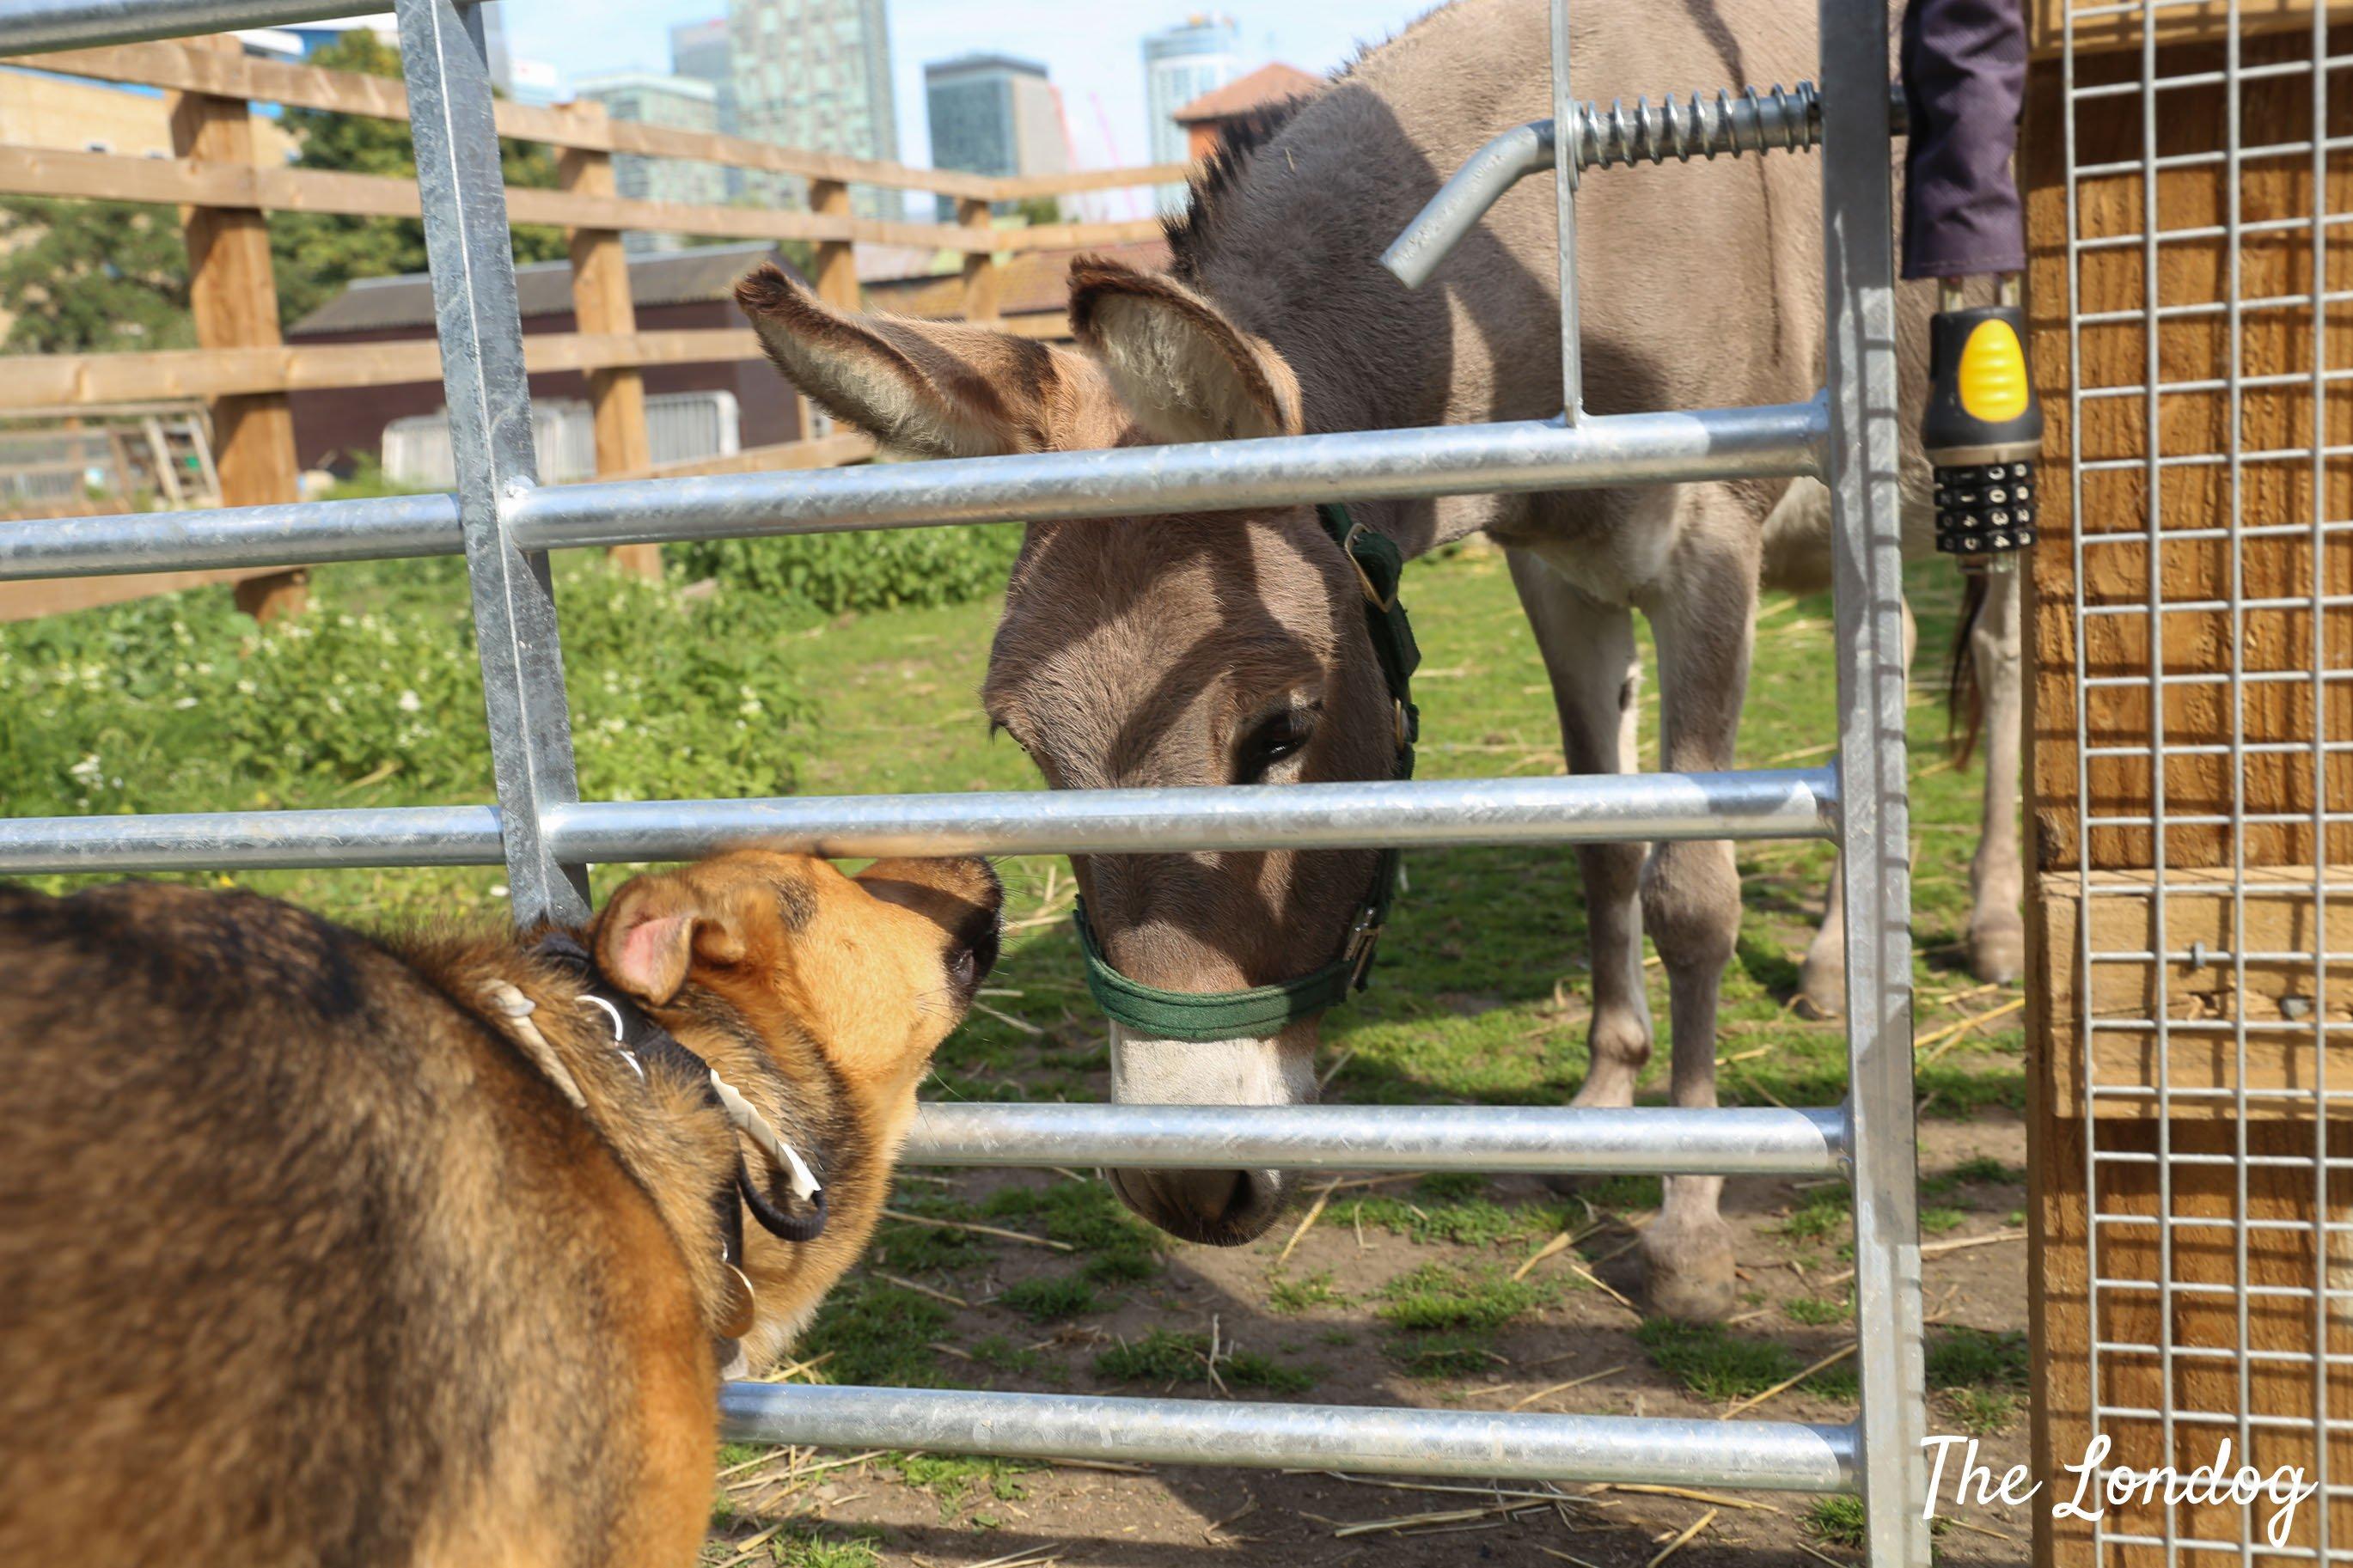 Dog sniffing donkey at dog-friendly city farm